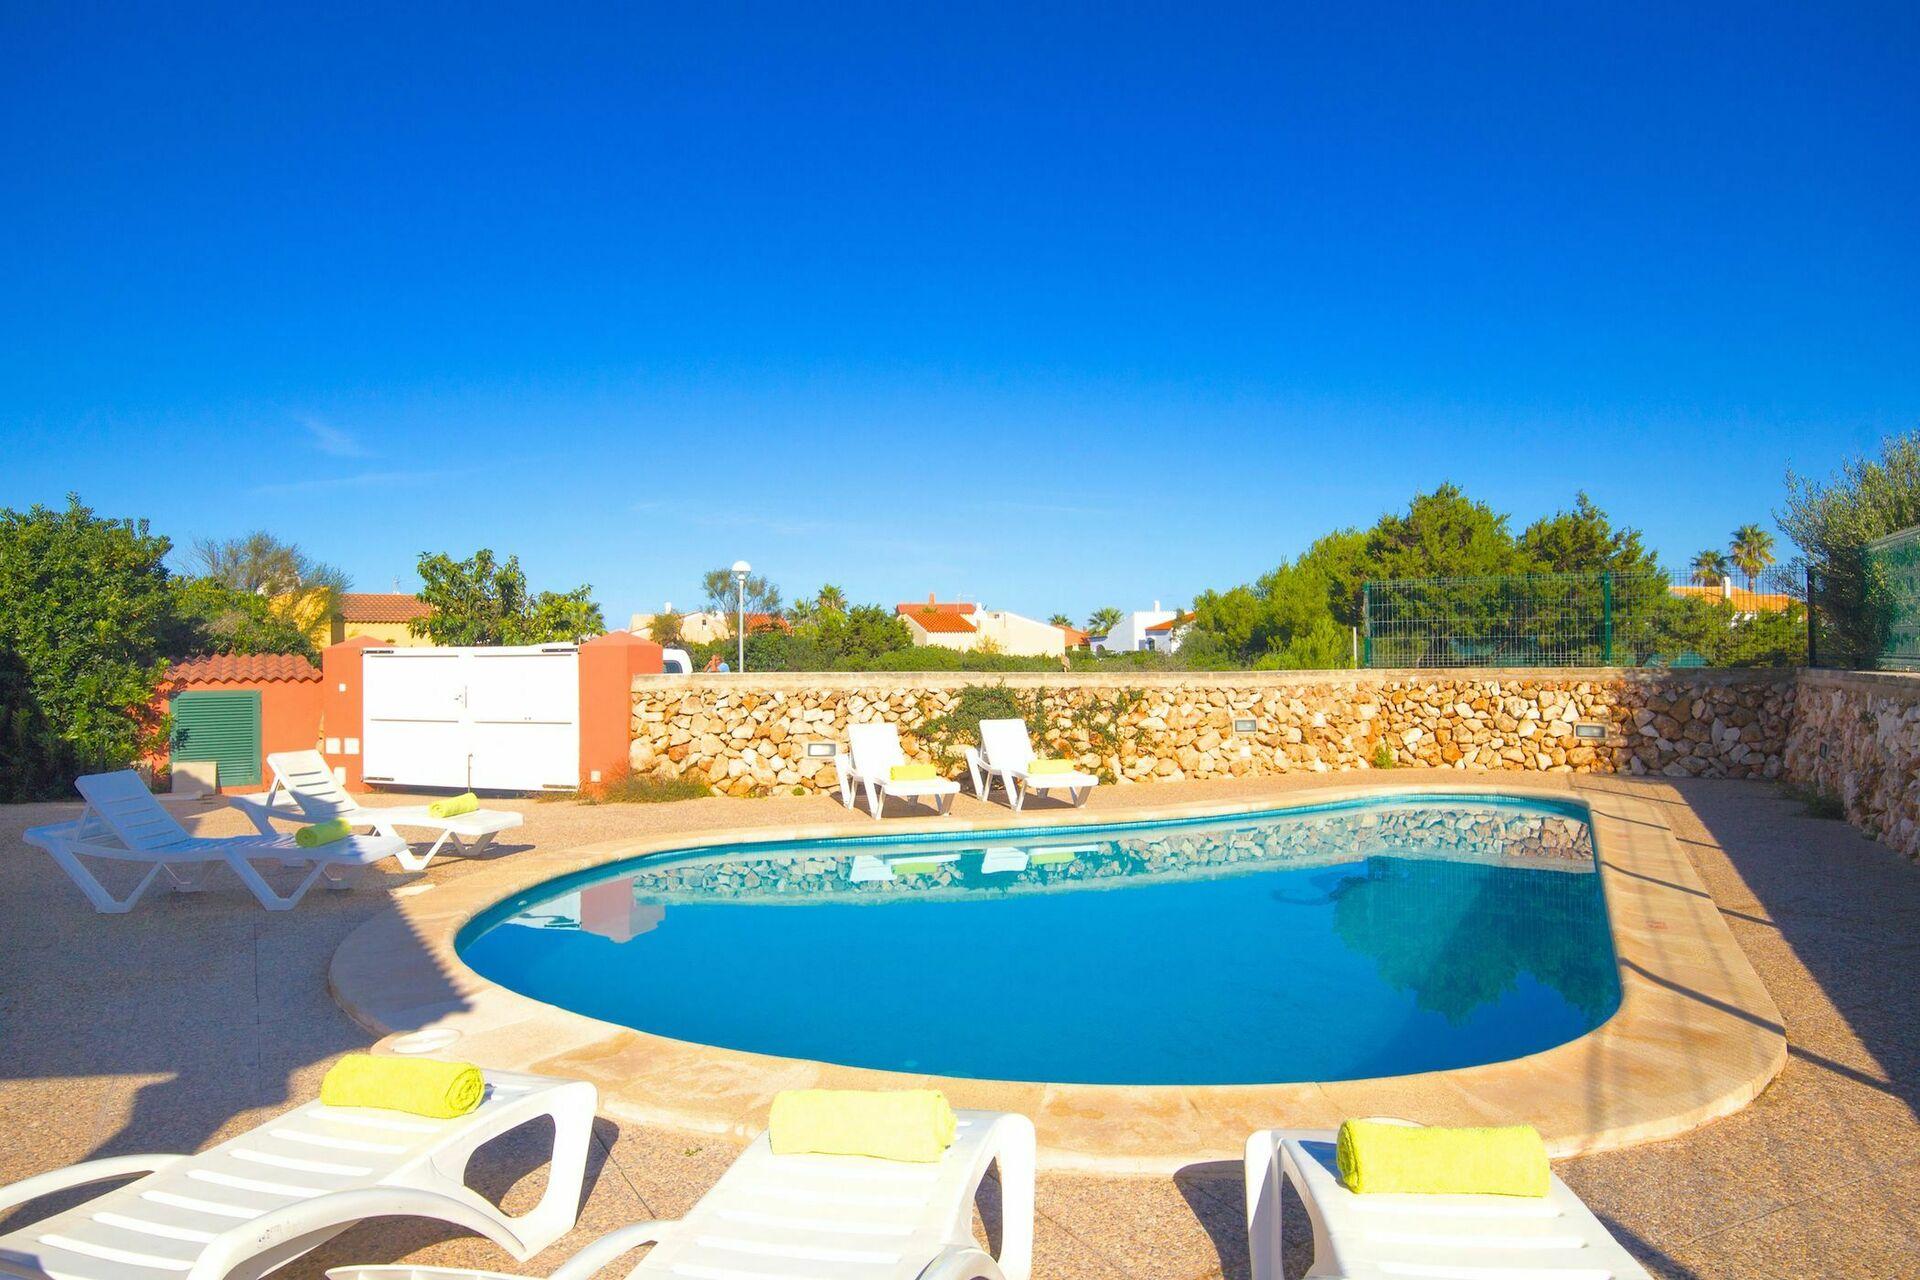 Villa tortuga villa vacanza a cala 39 n bosch isole baleari for Villas tortuga celestino